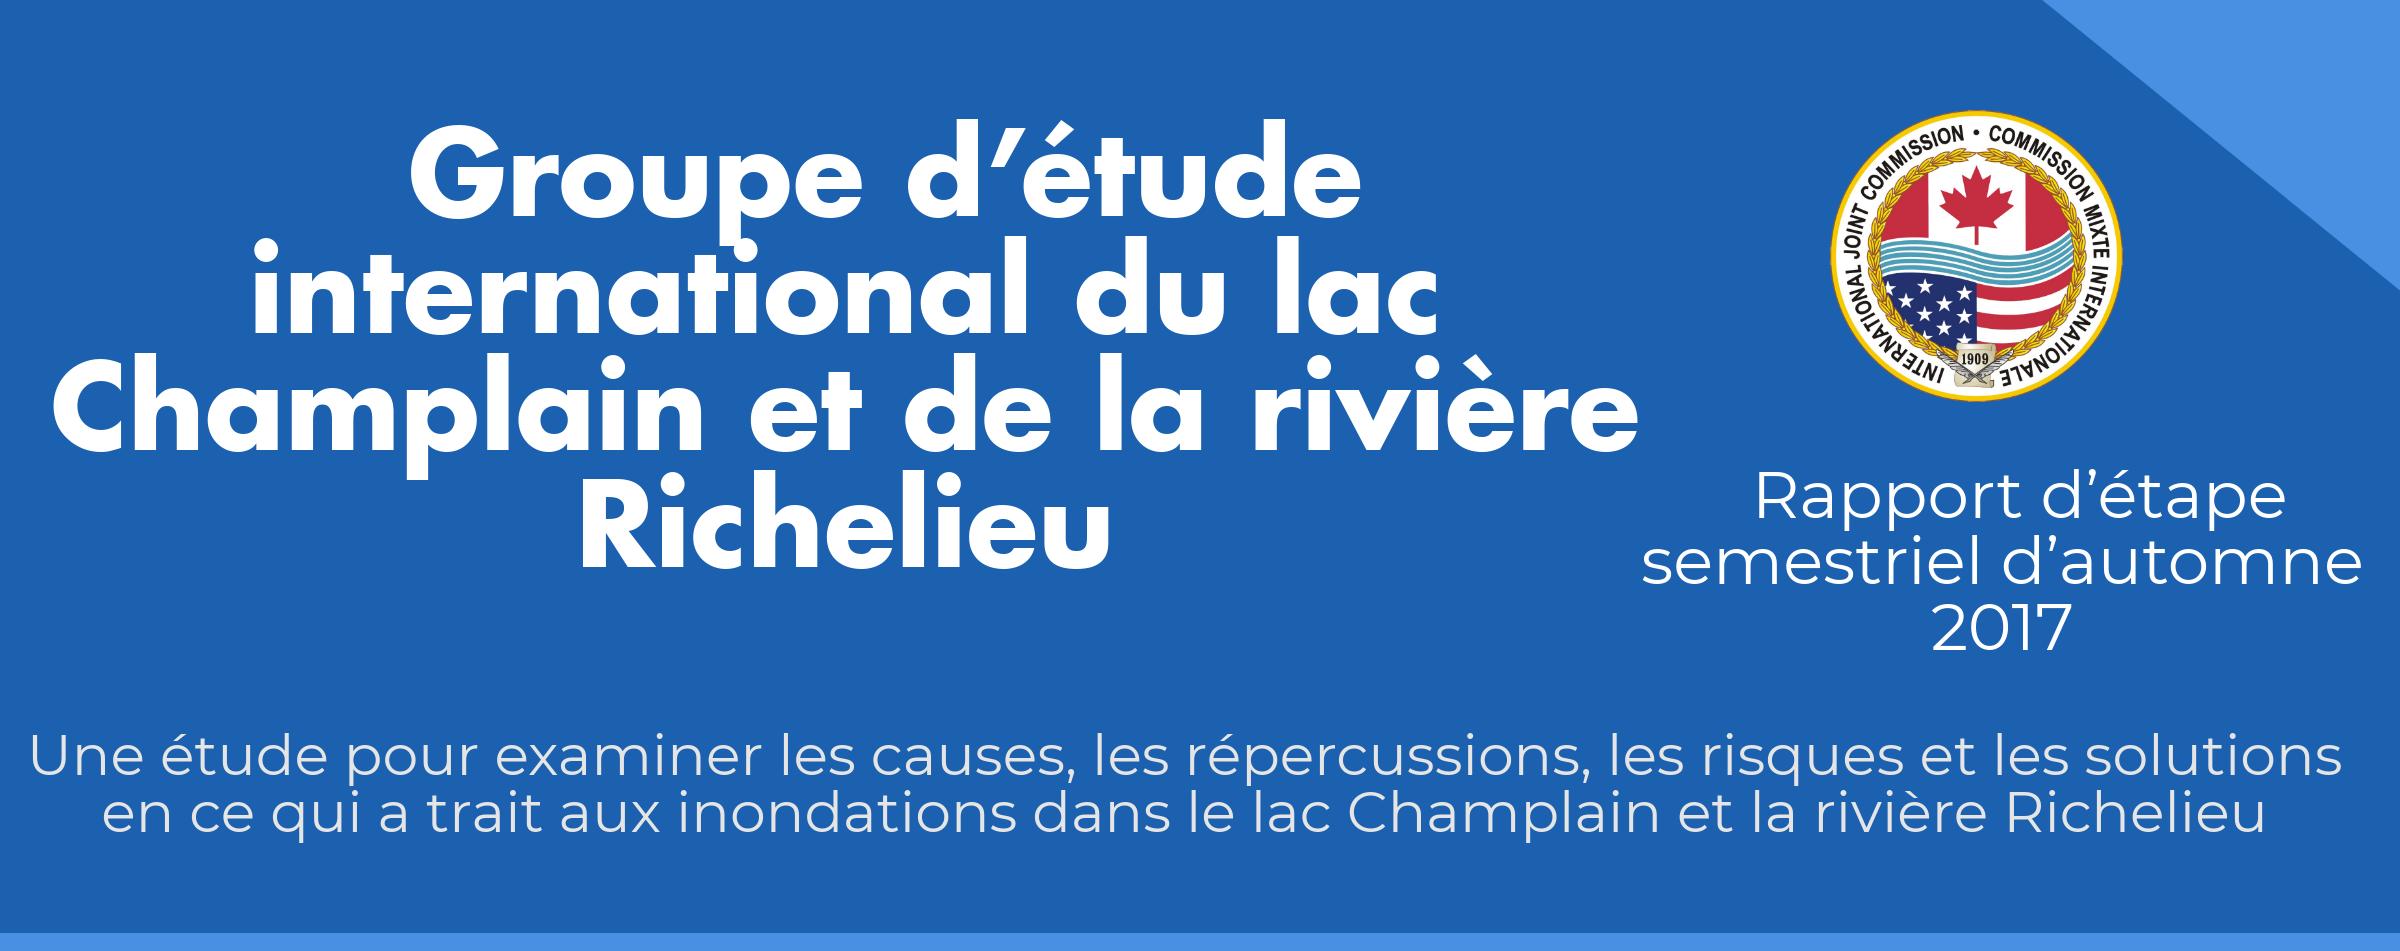 Groupe d'étude du lac Champlain et de la rivière Richelieu – cliquer pour obtenir l'infographie complète